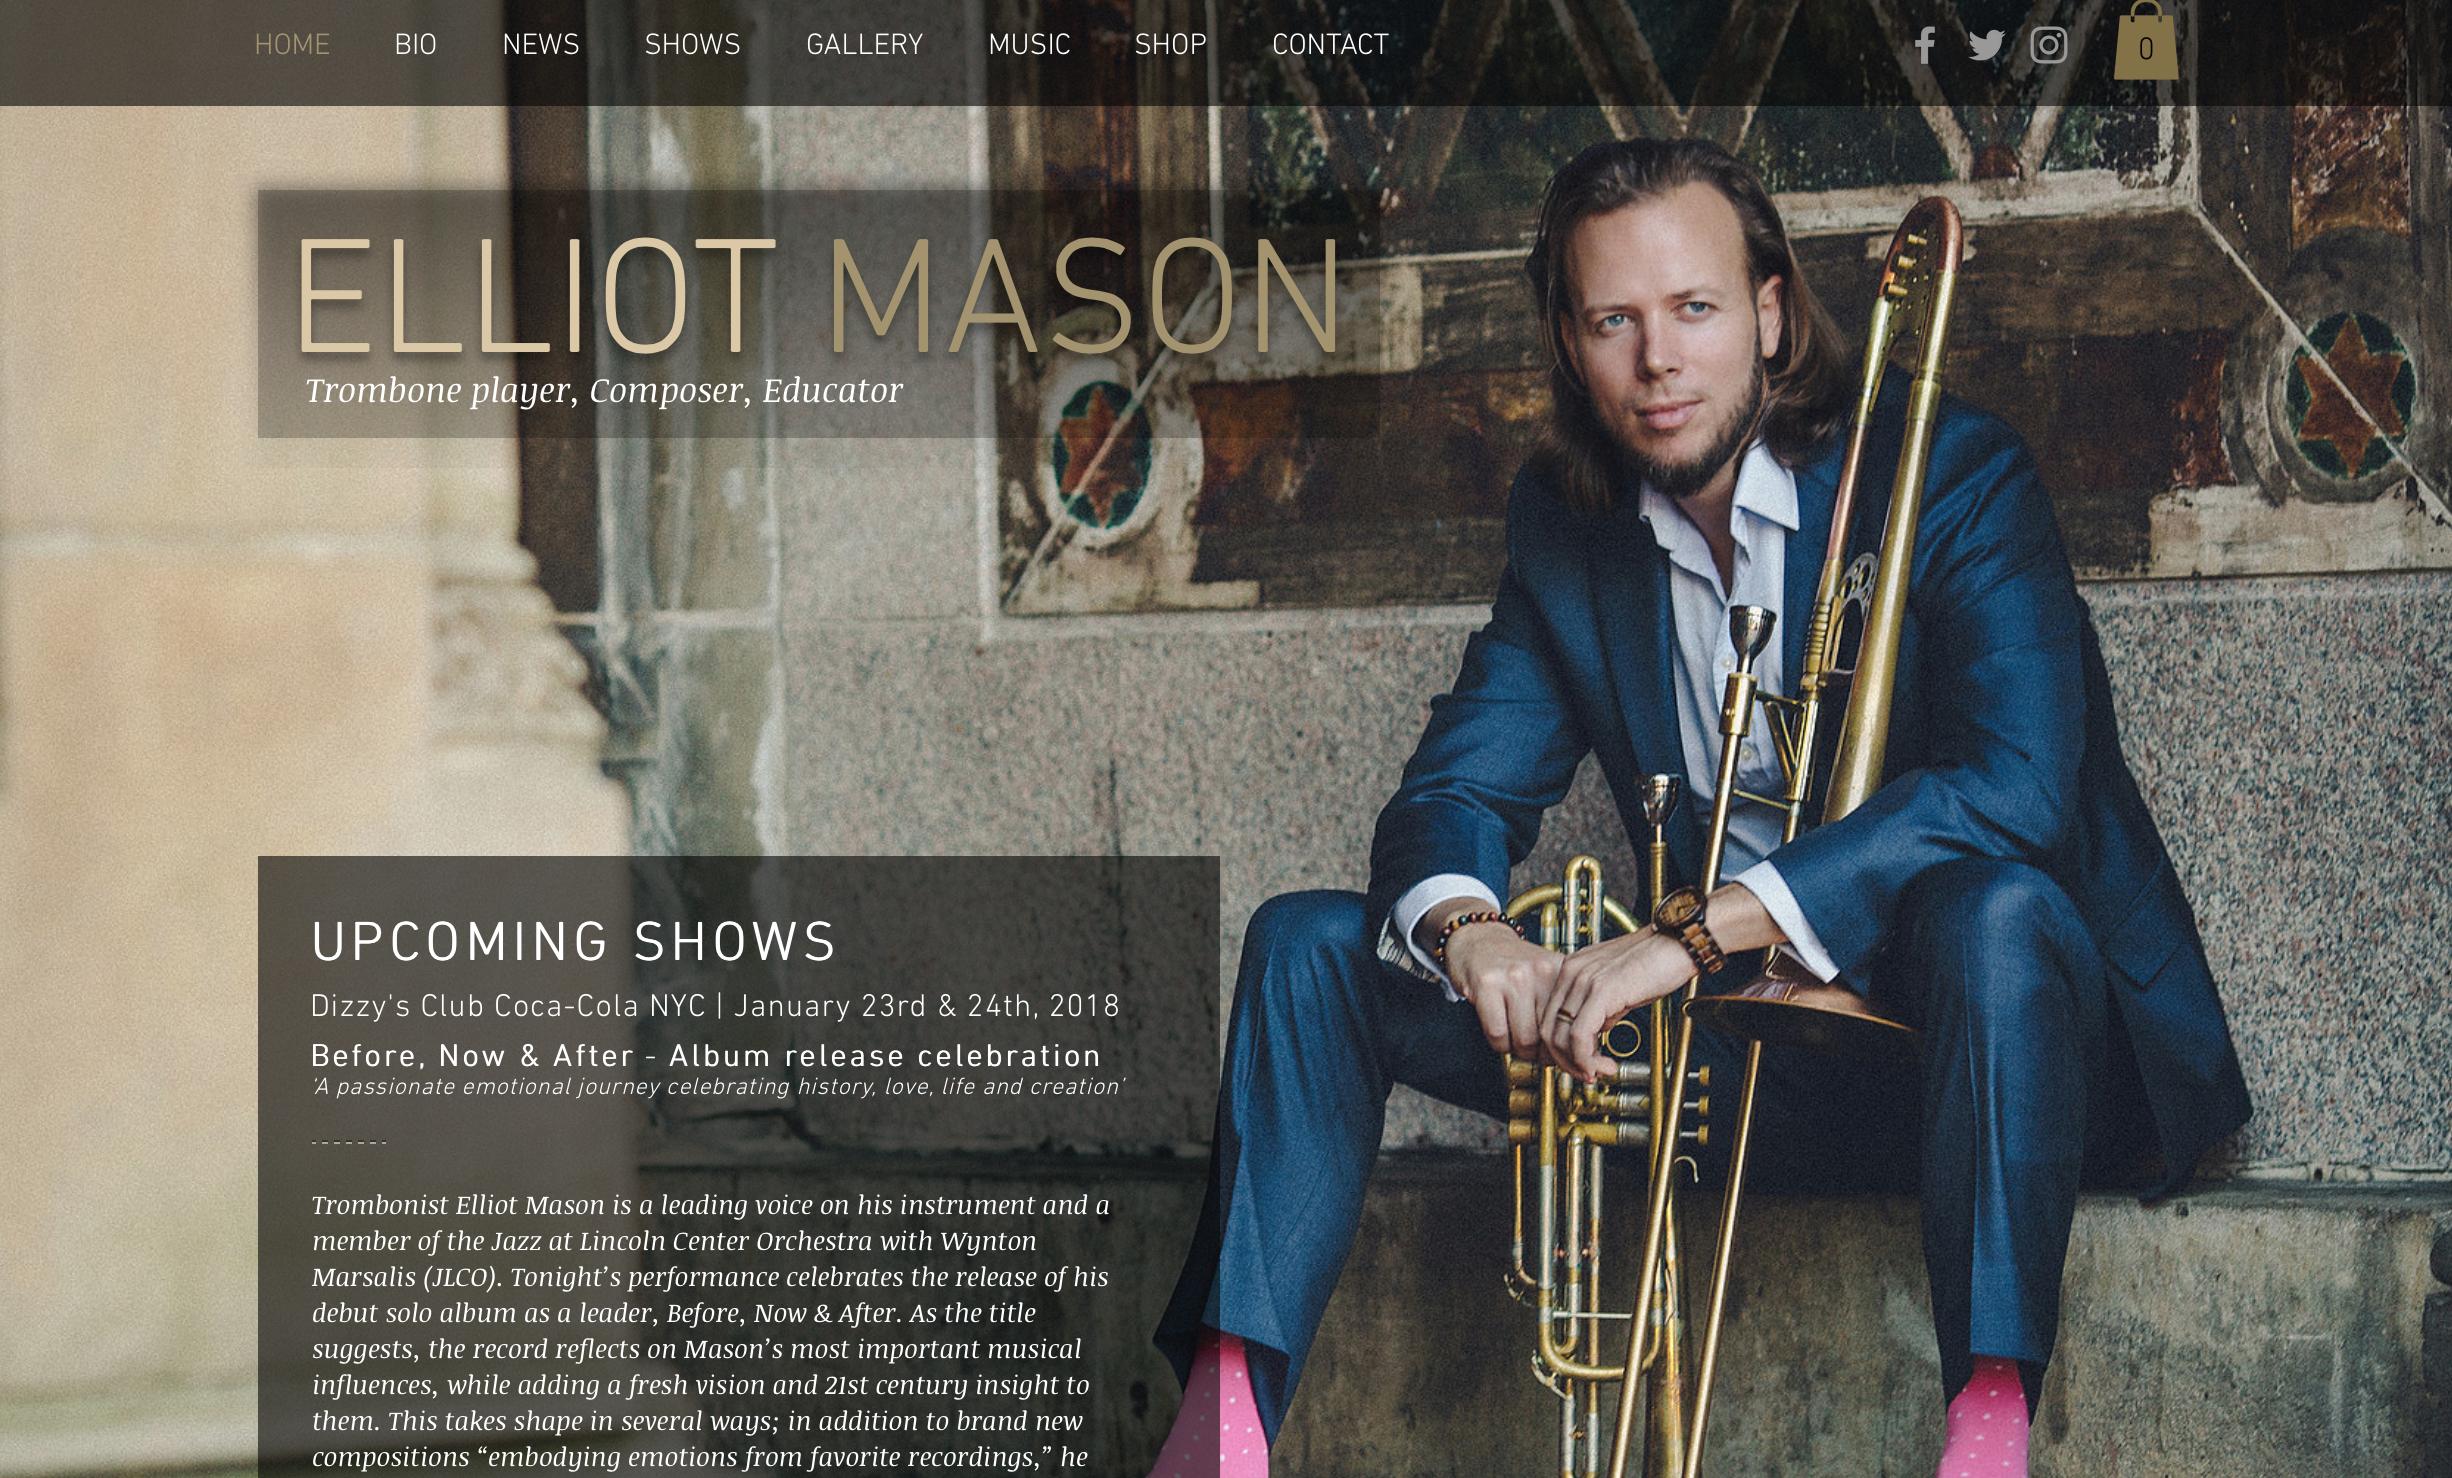 VIDEOS | ELLIOT MASON